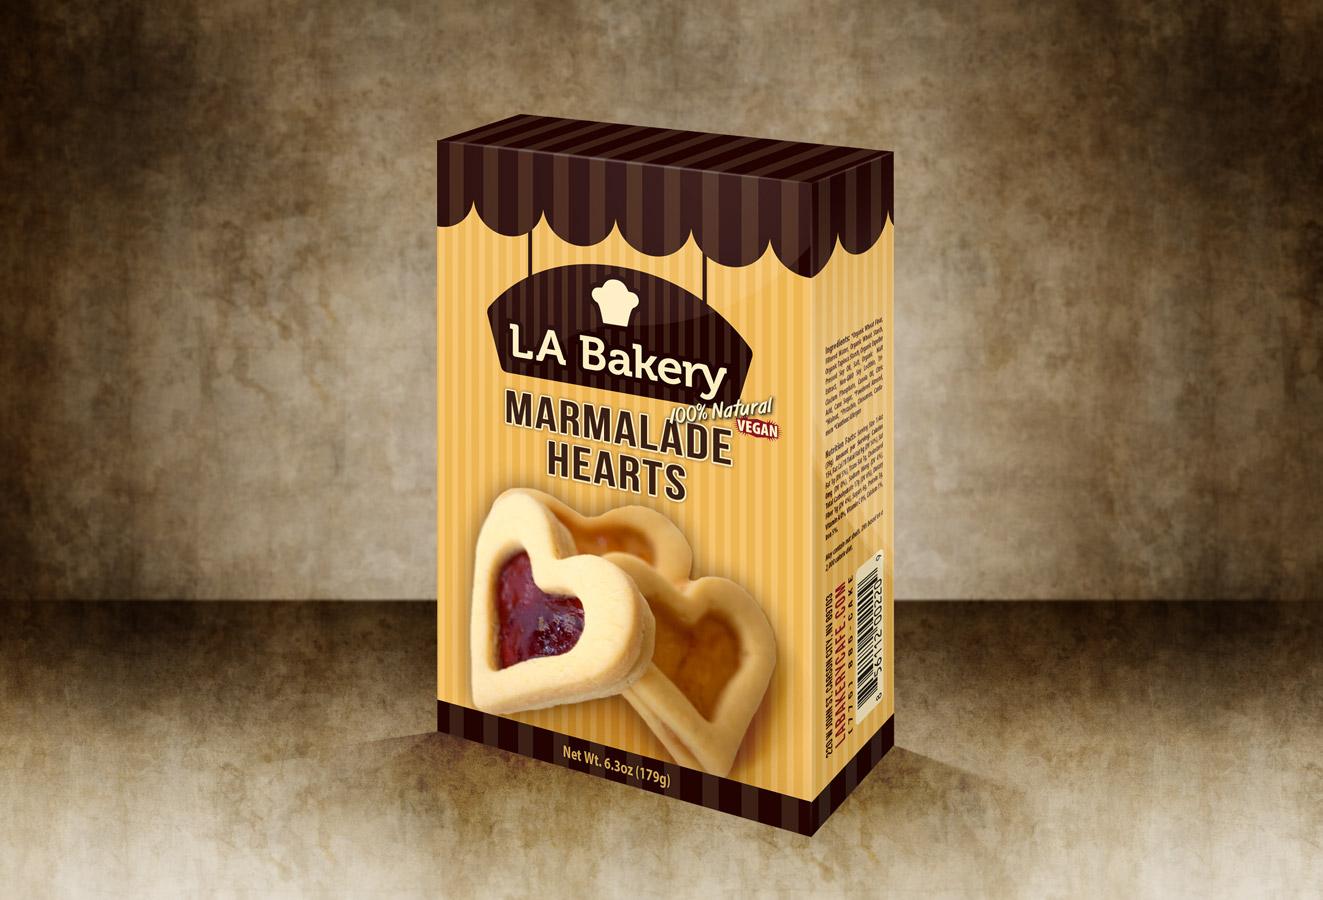 LA Bakery – Package Design | No Mind Design